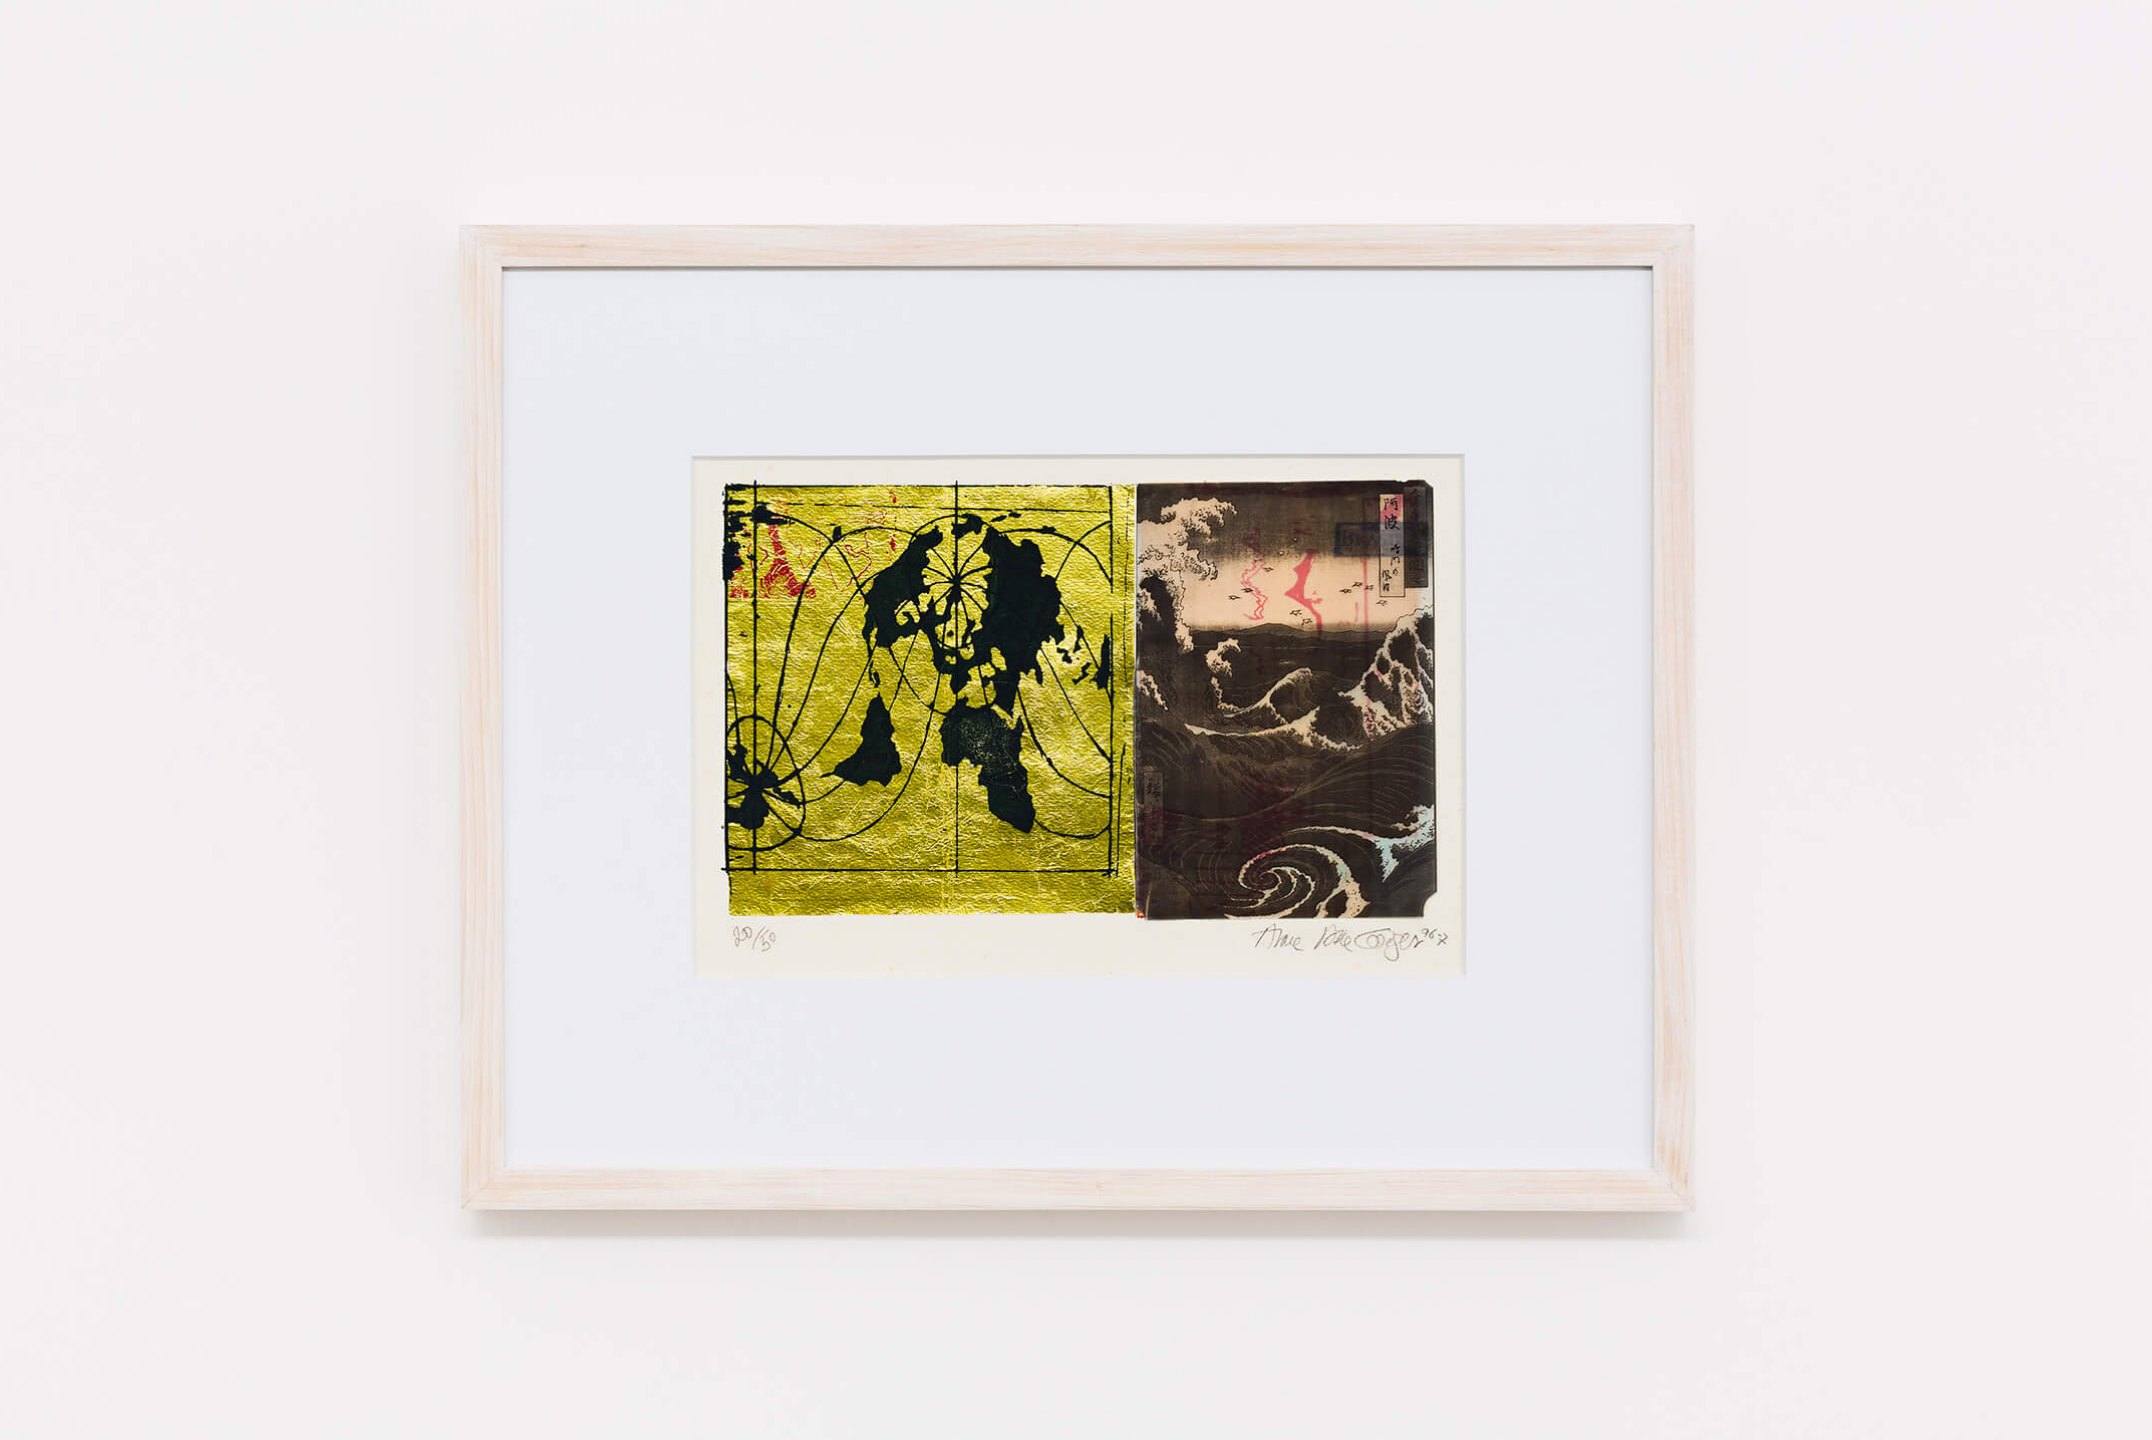 Anna Bella Geiger,<em>... com Hiroshigue para os mares e águas, from Local da ação series</em>,1996, photoengraving on metal and collage, 25×36 cm - Mendes Wood DM